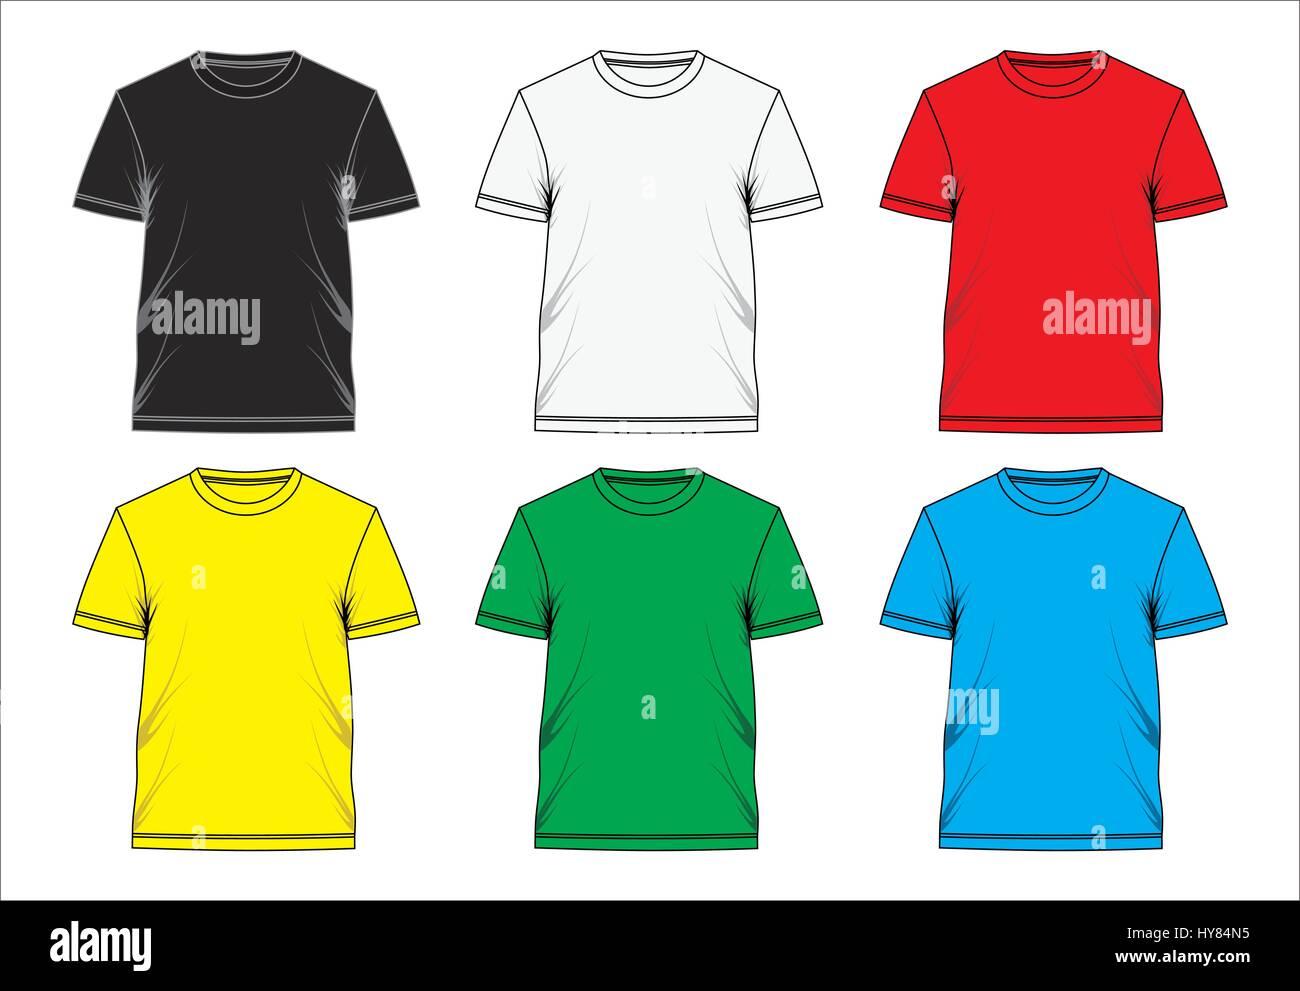 Beispiel Design Vorlage T Shirt leer, Vektor Vektor Abbildung - Bild ...